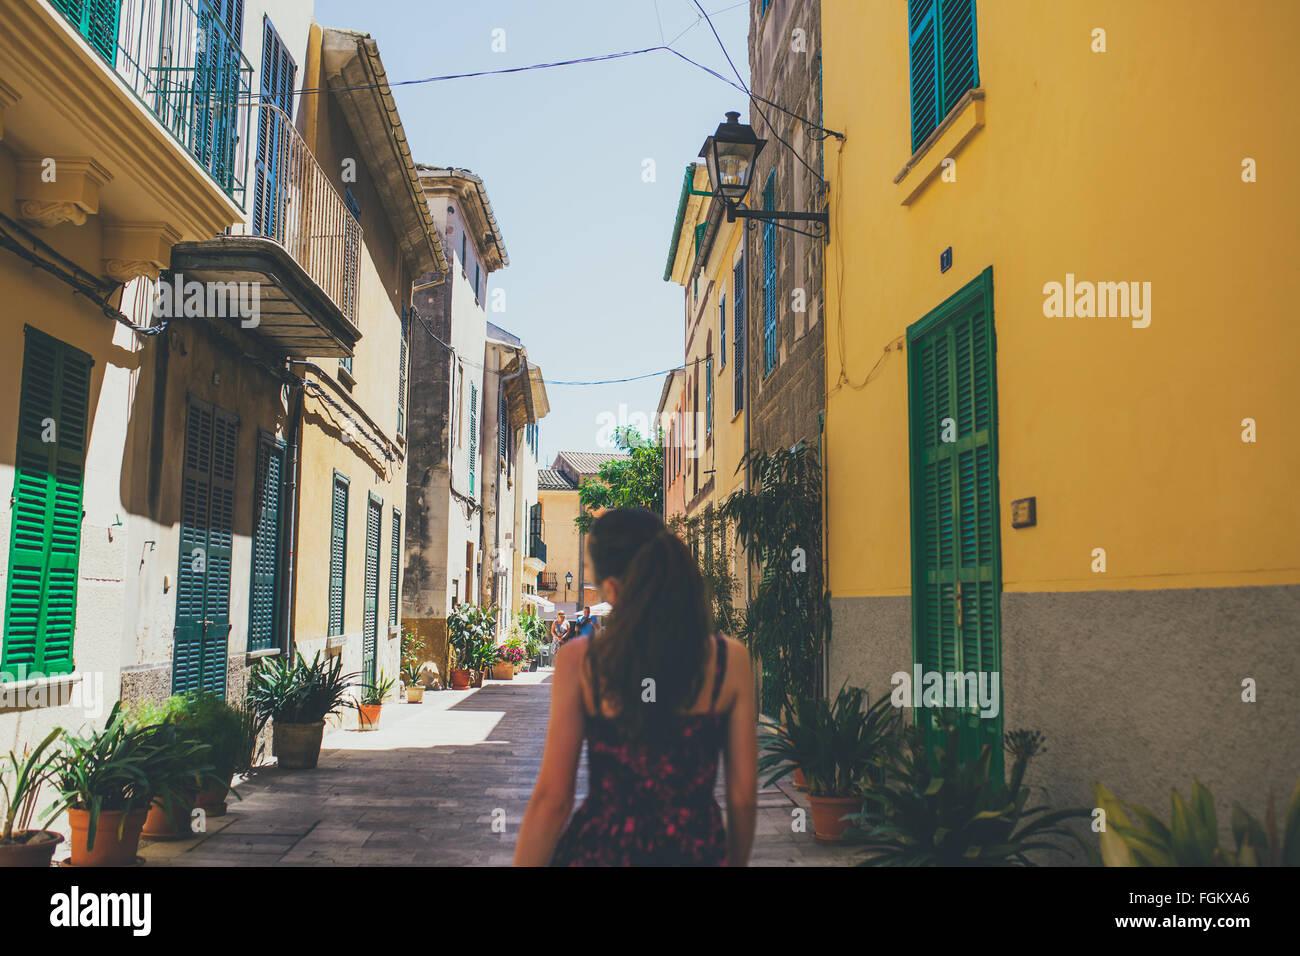 Vista posteriore della giovane donna camminare sulle strade spagnole Immagini Stock